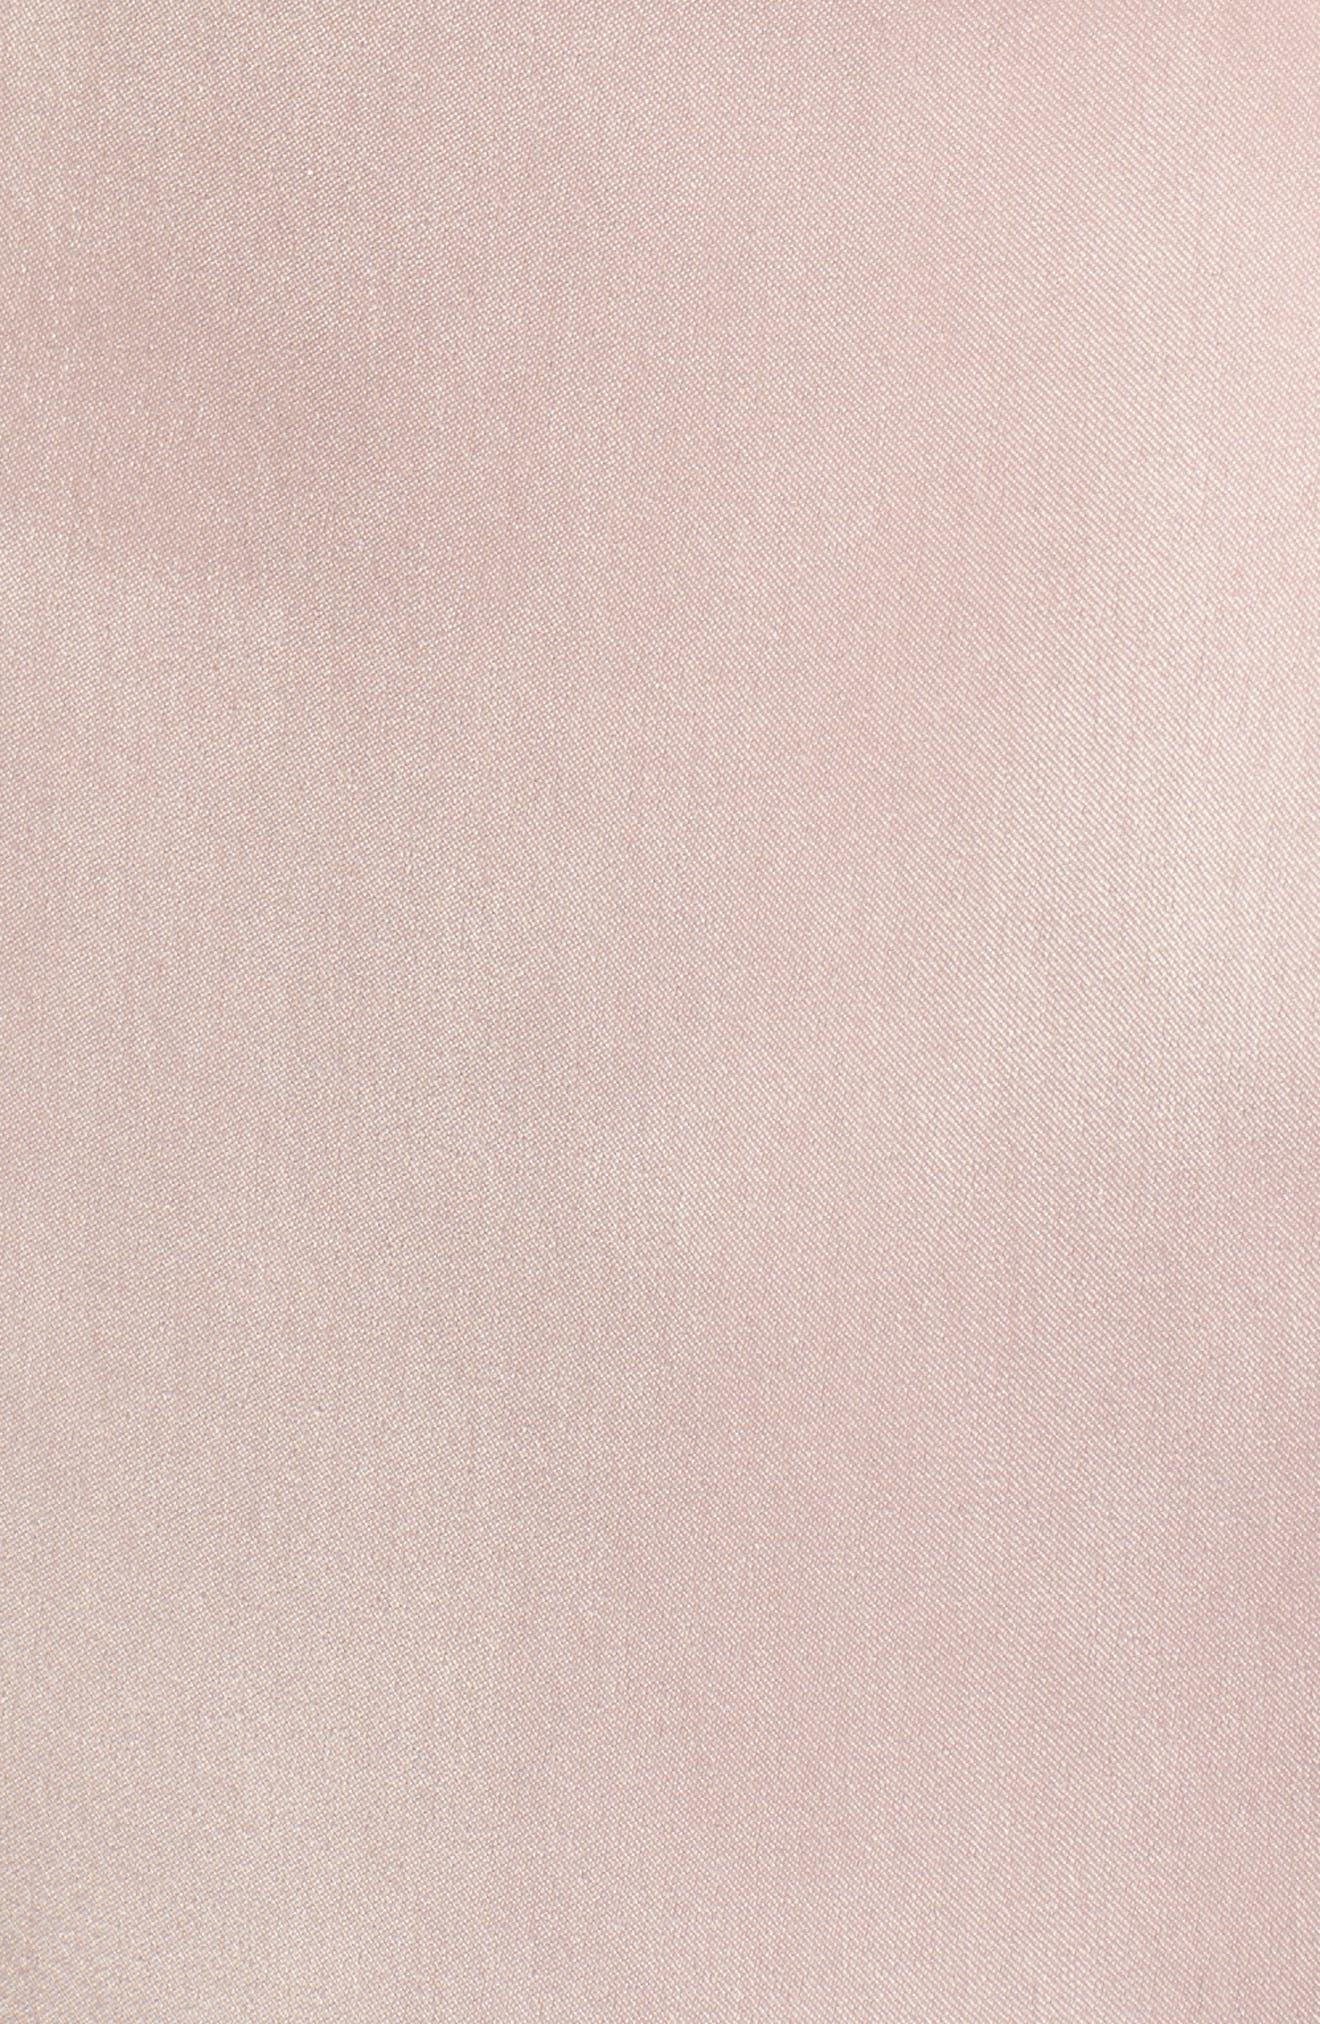 Choker Detail Wrap Blouse,                             Alternate thumbnail 5, color,                             Pink Adobe